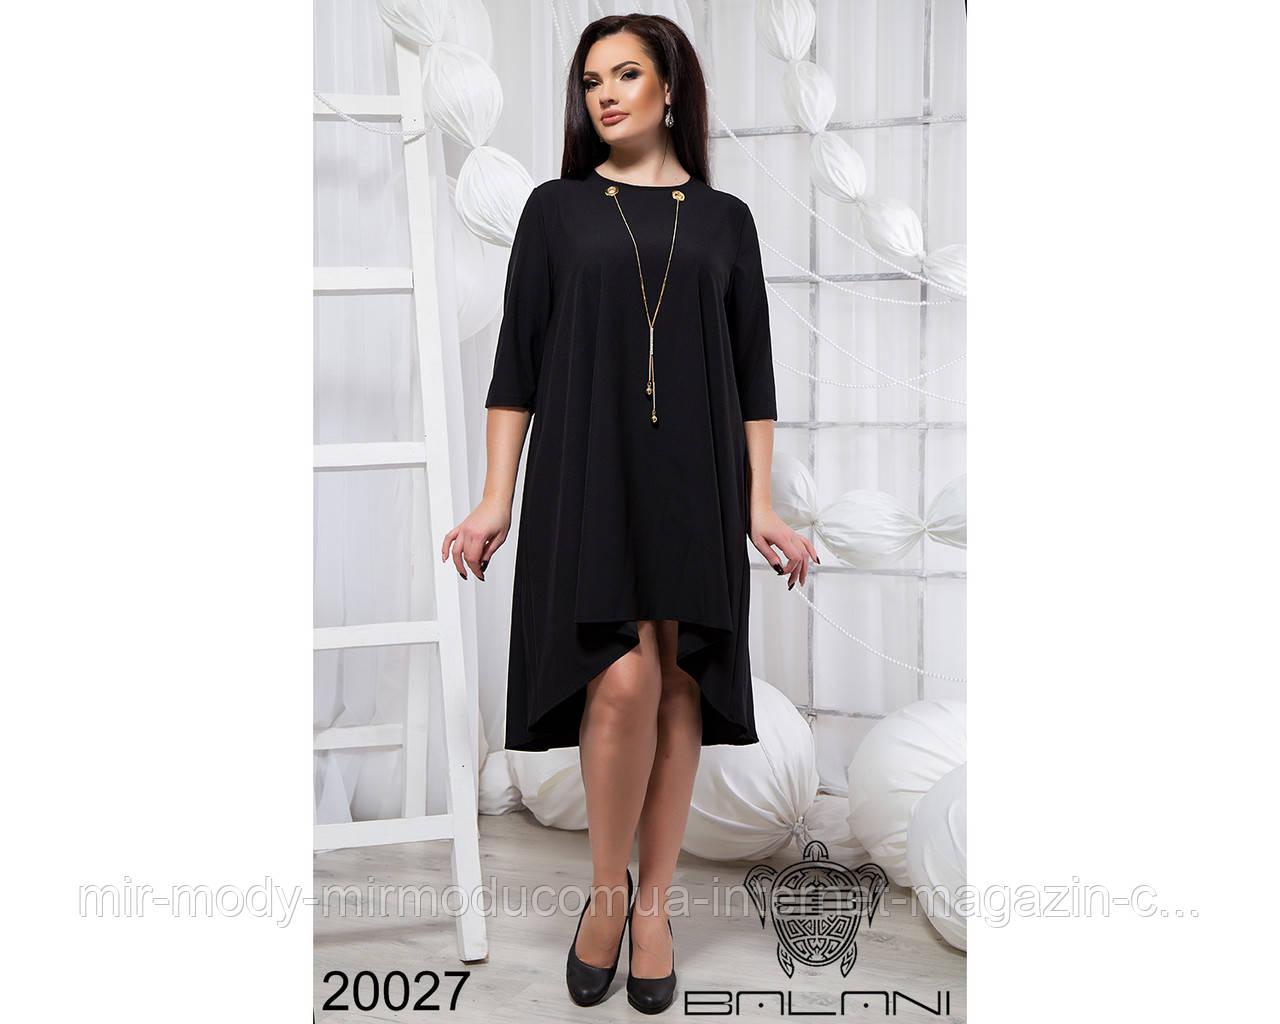 Стильное платье с цепочкой - 20027 с 48 по 54 размер бн